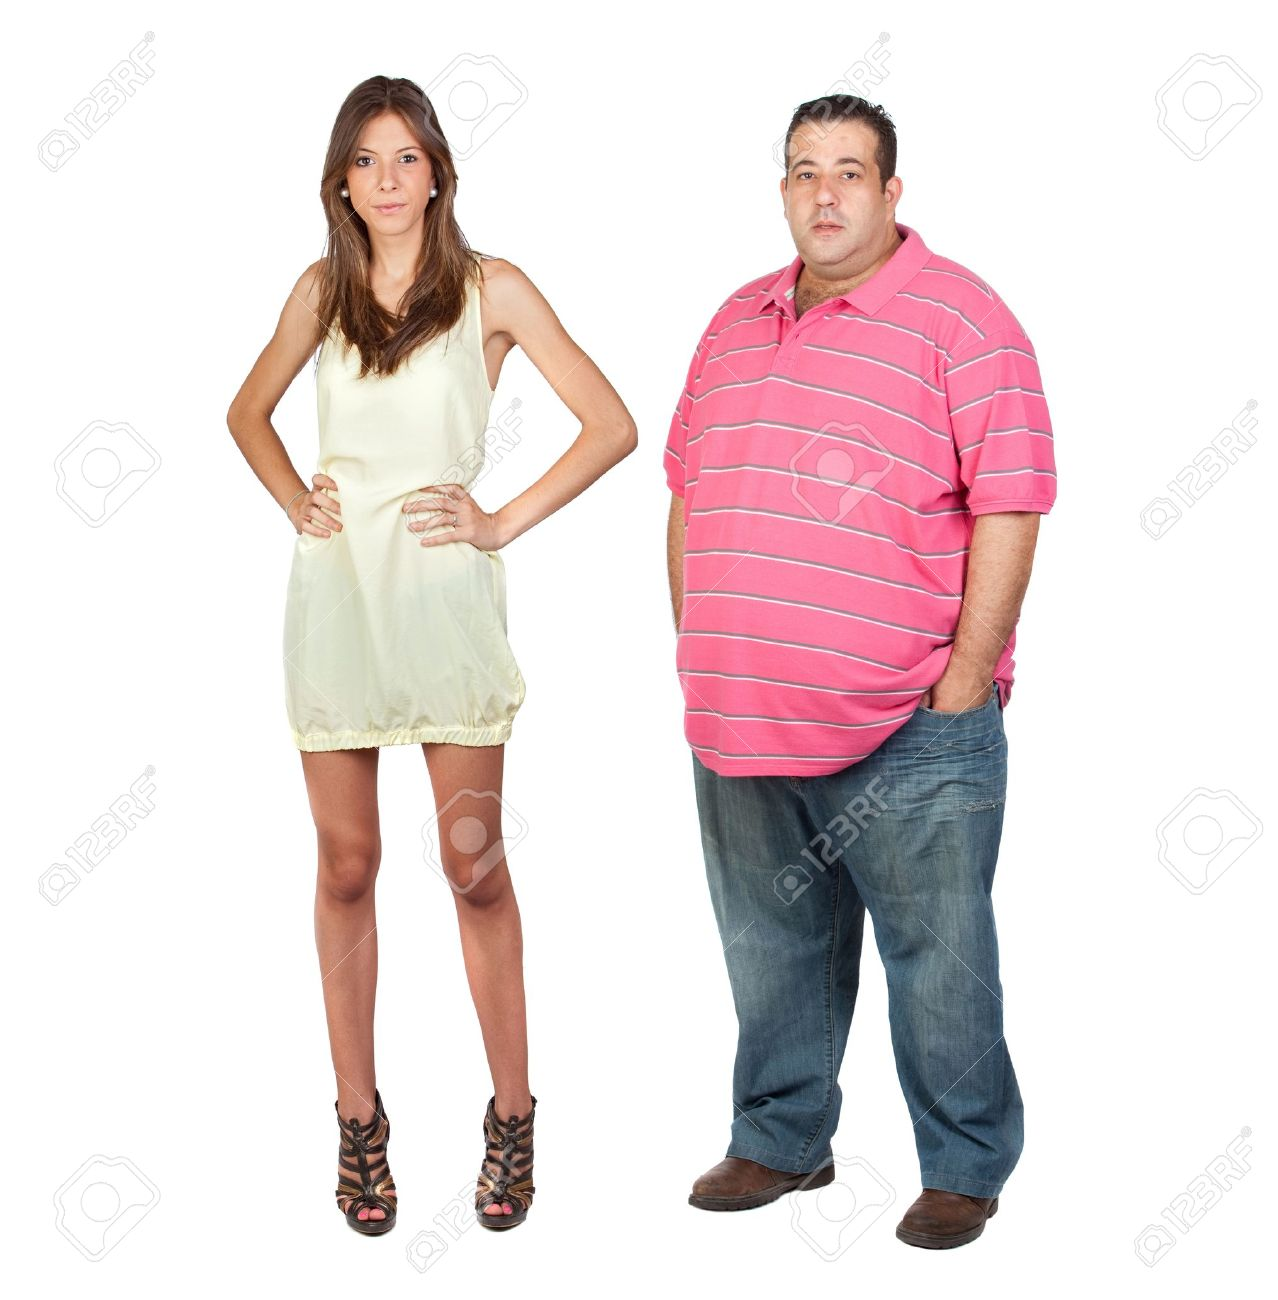 Толстый мужик и девочка 23 фотография